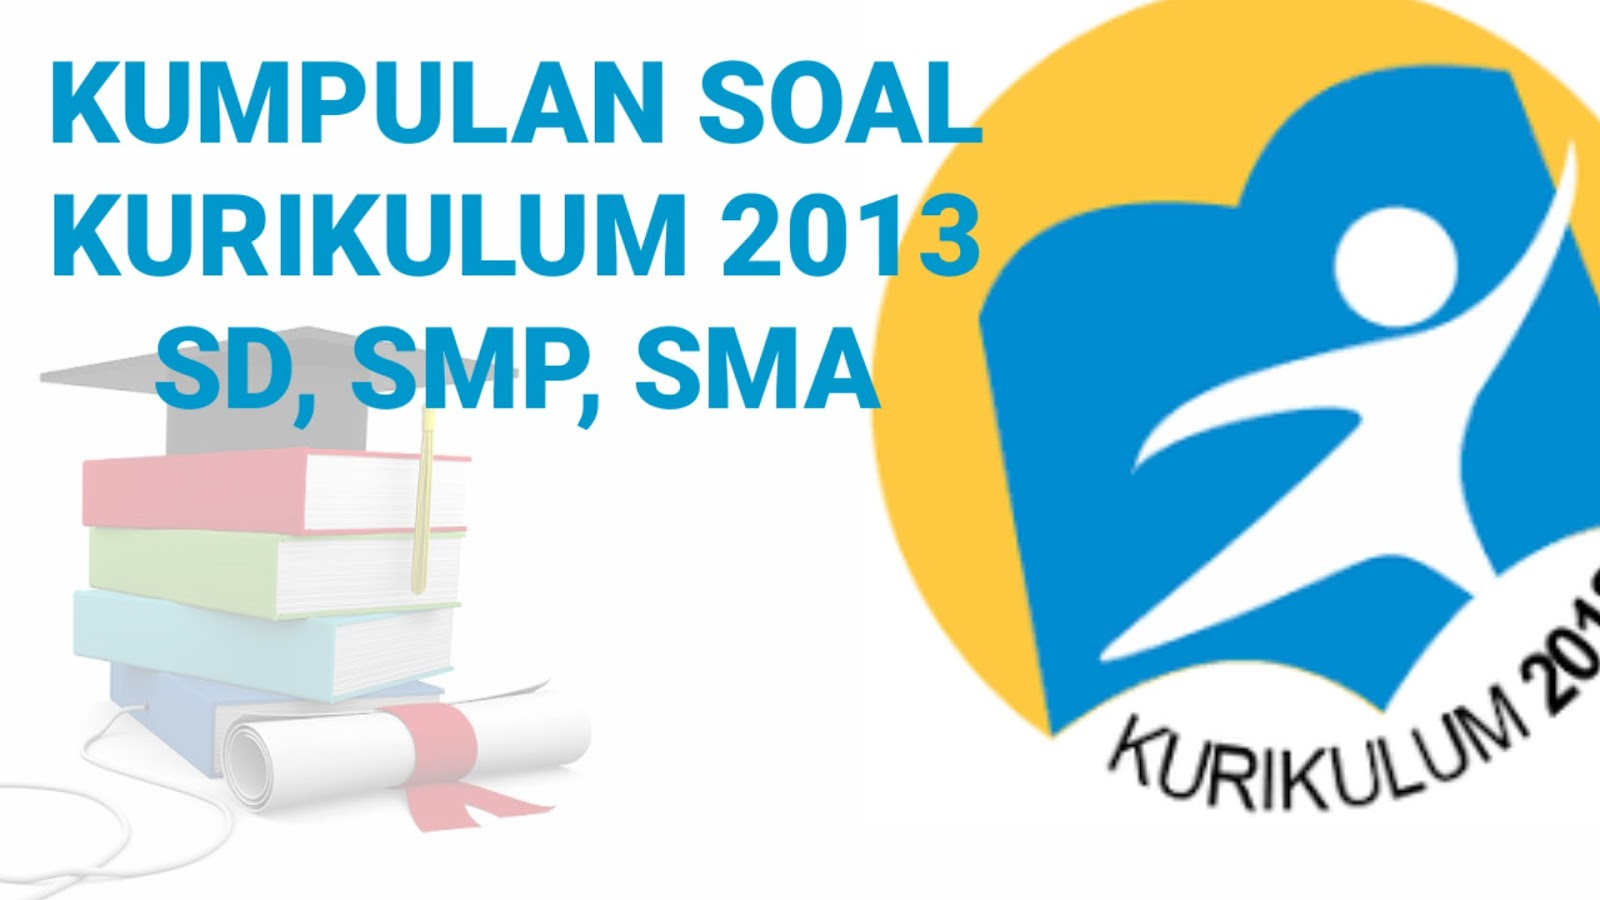 New Soal Bahasa Sunda Uas Pas Kelas 1 Sd Mi Semester 1 Dan 2 Kurikulum 2013 Revisi Terbaru